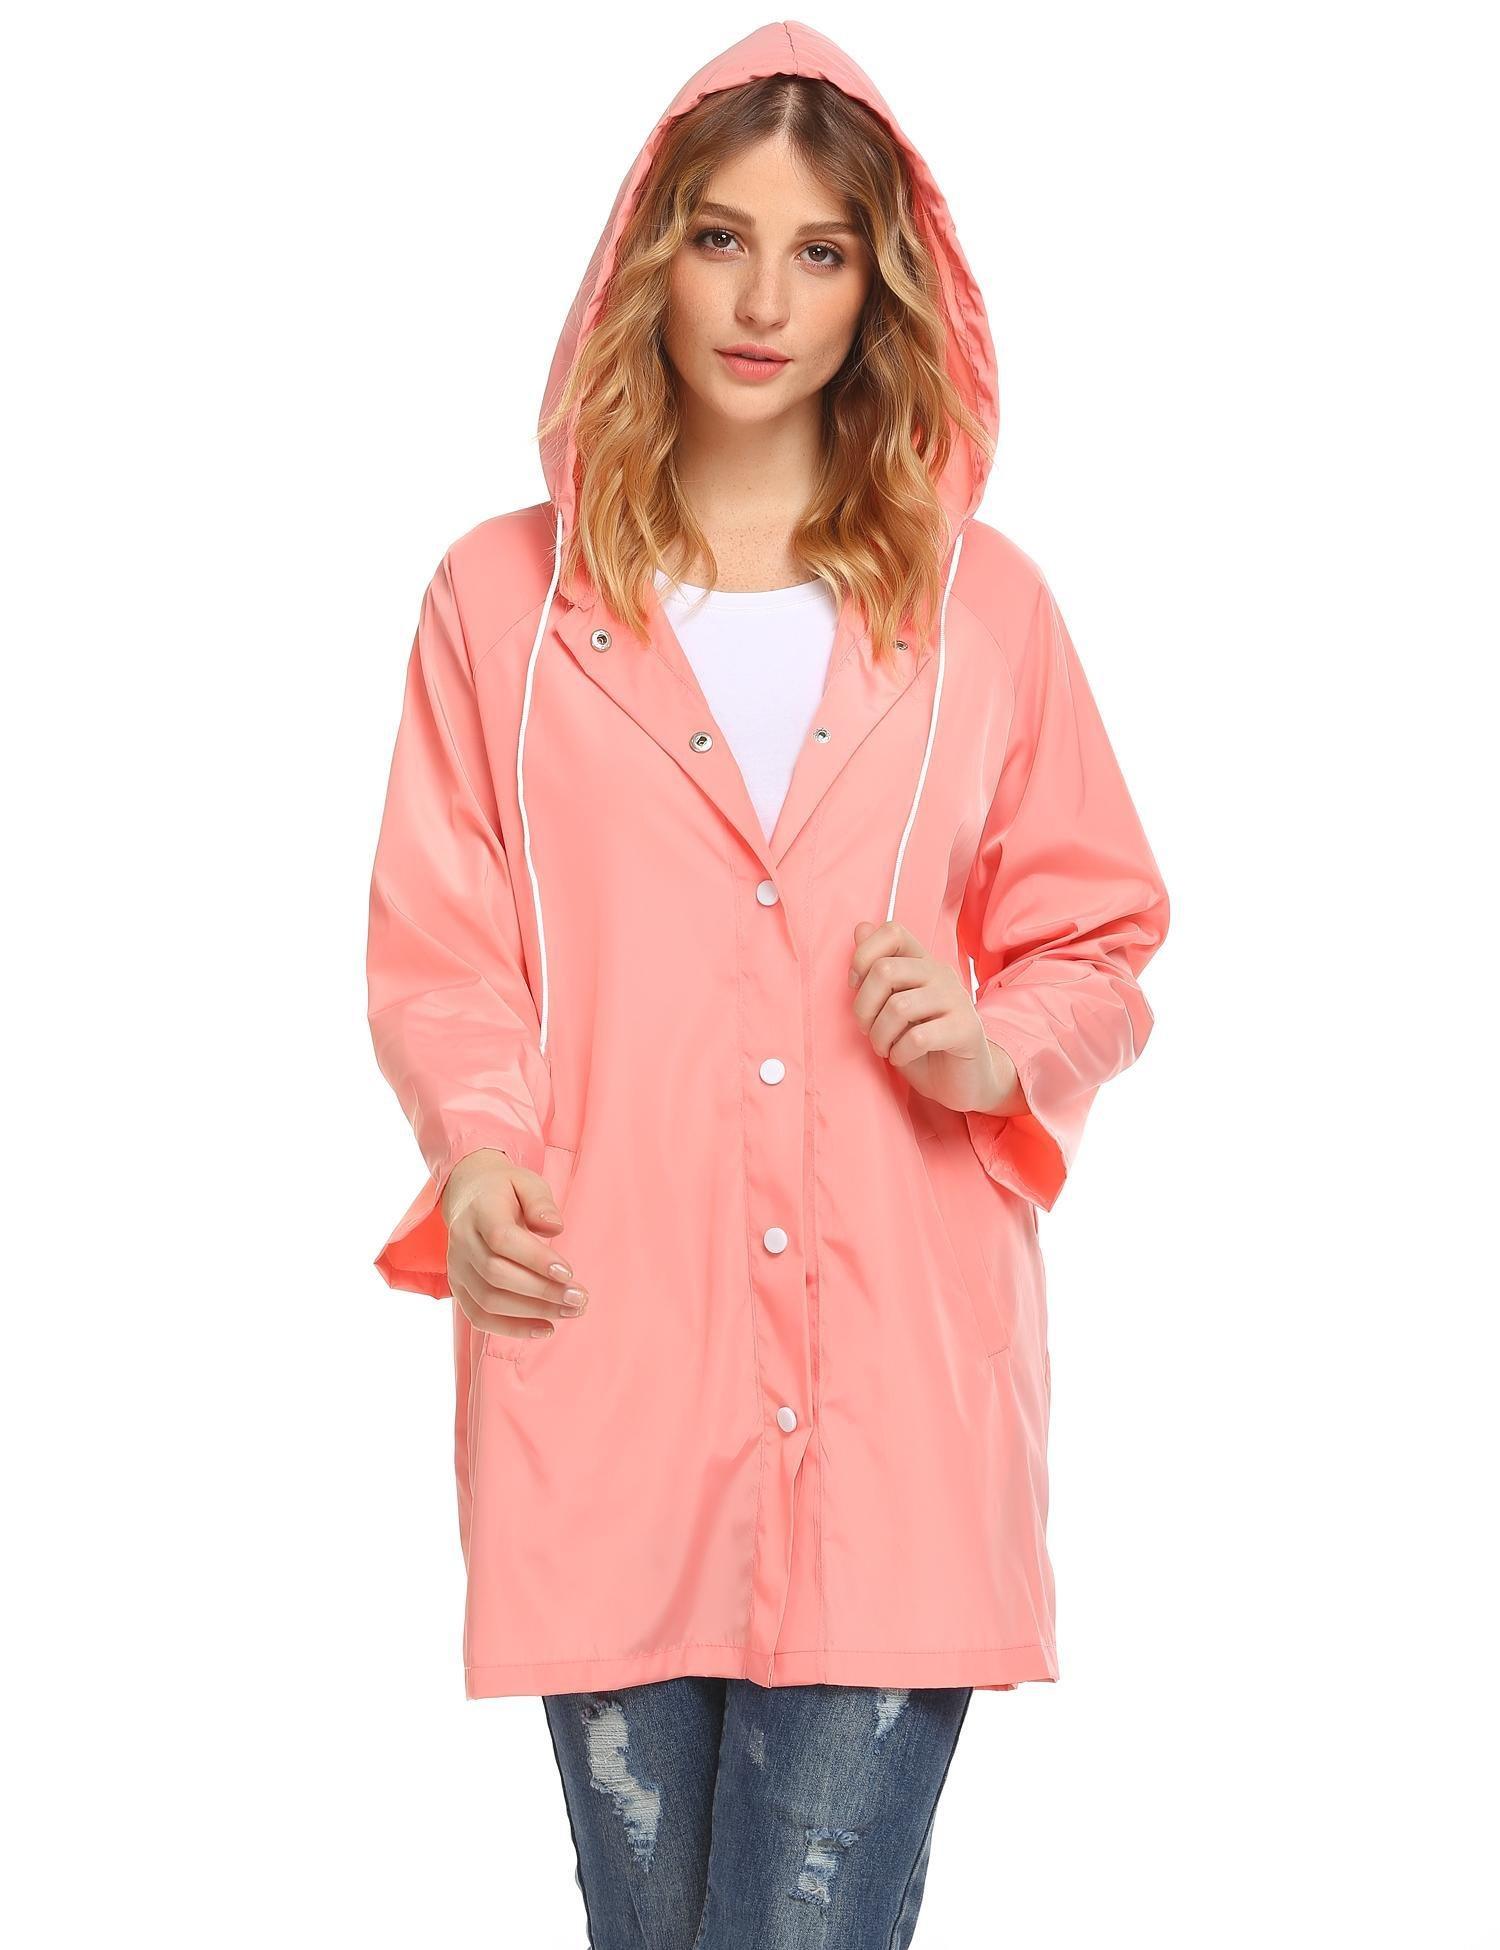 Soteer Womens Lightweight Hooded Raincoat Active Outdoor Waterproof Jacket(Pink-L)